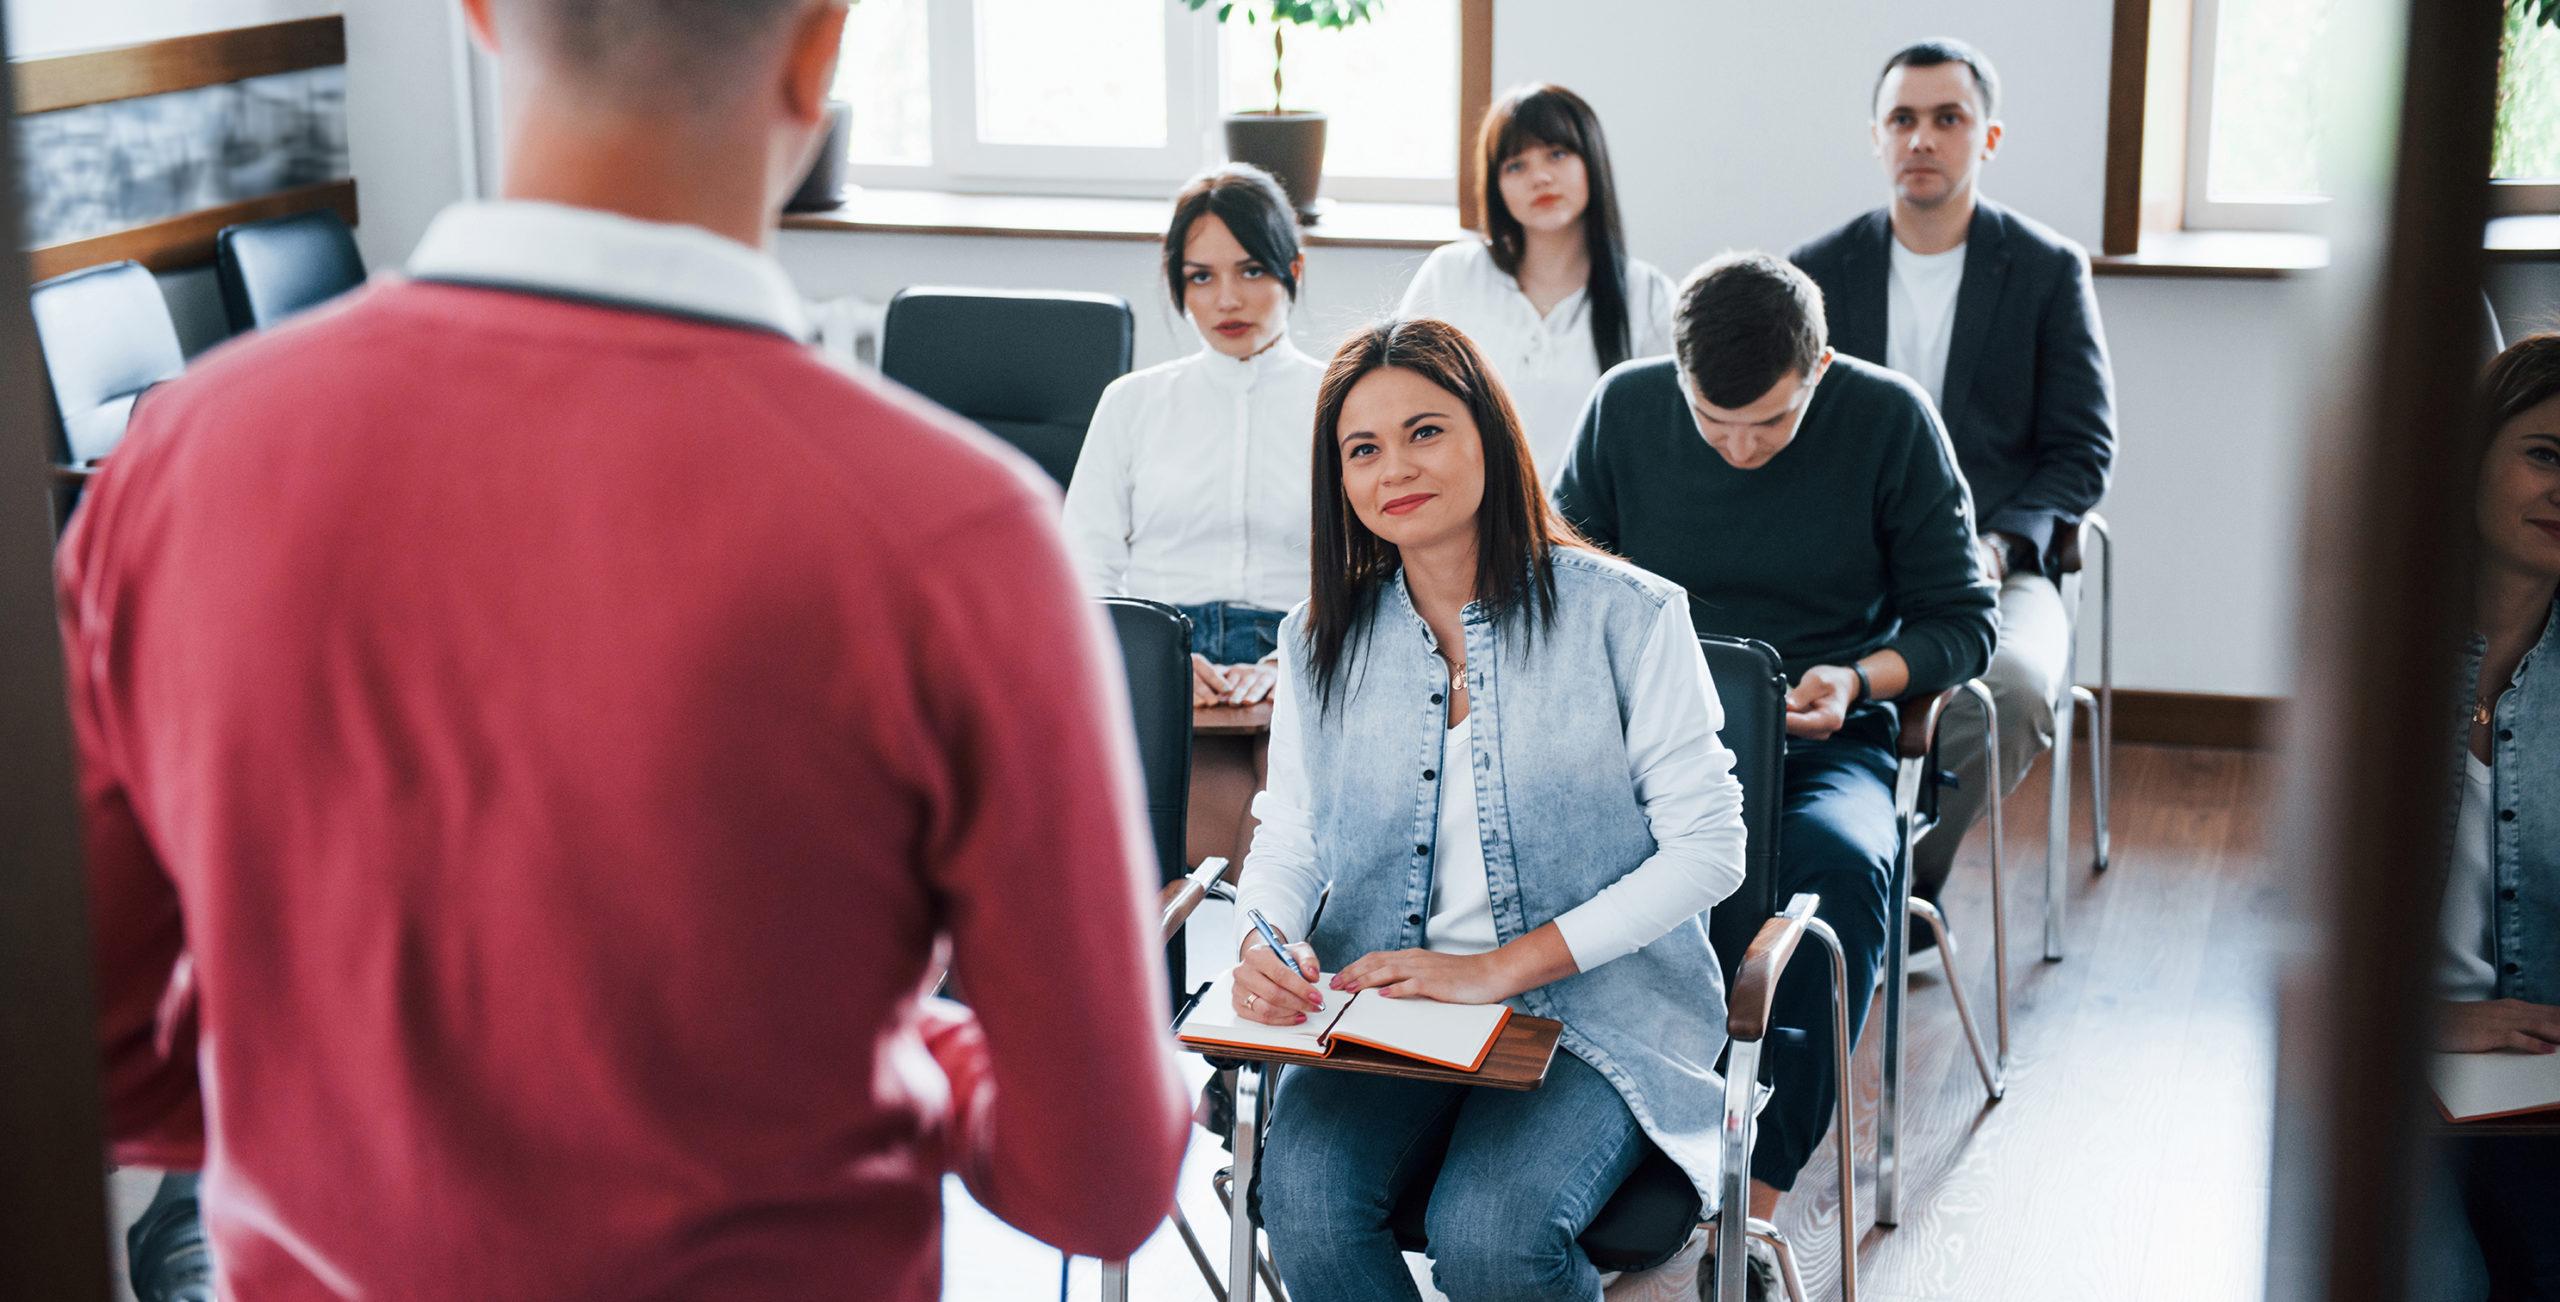 Career Pathways in Canadian Universities